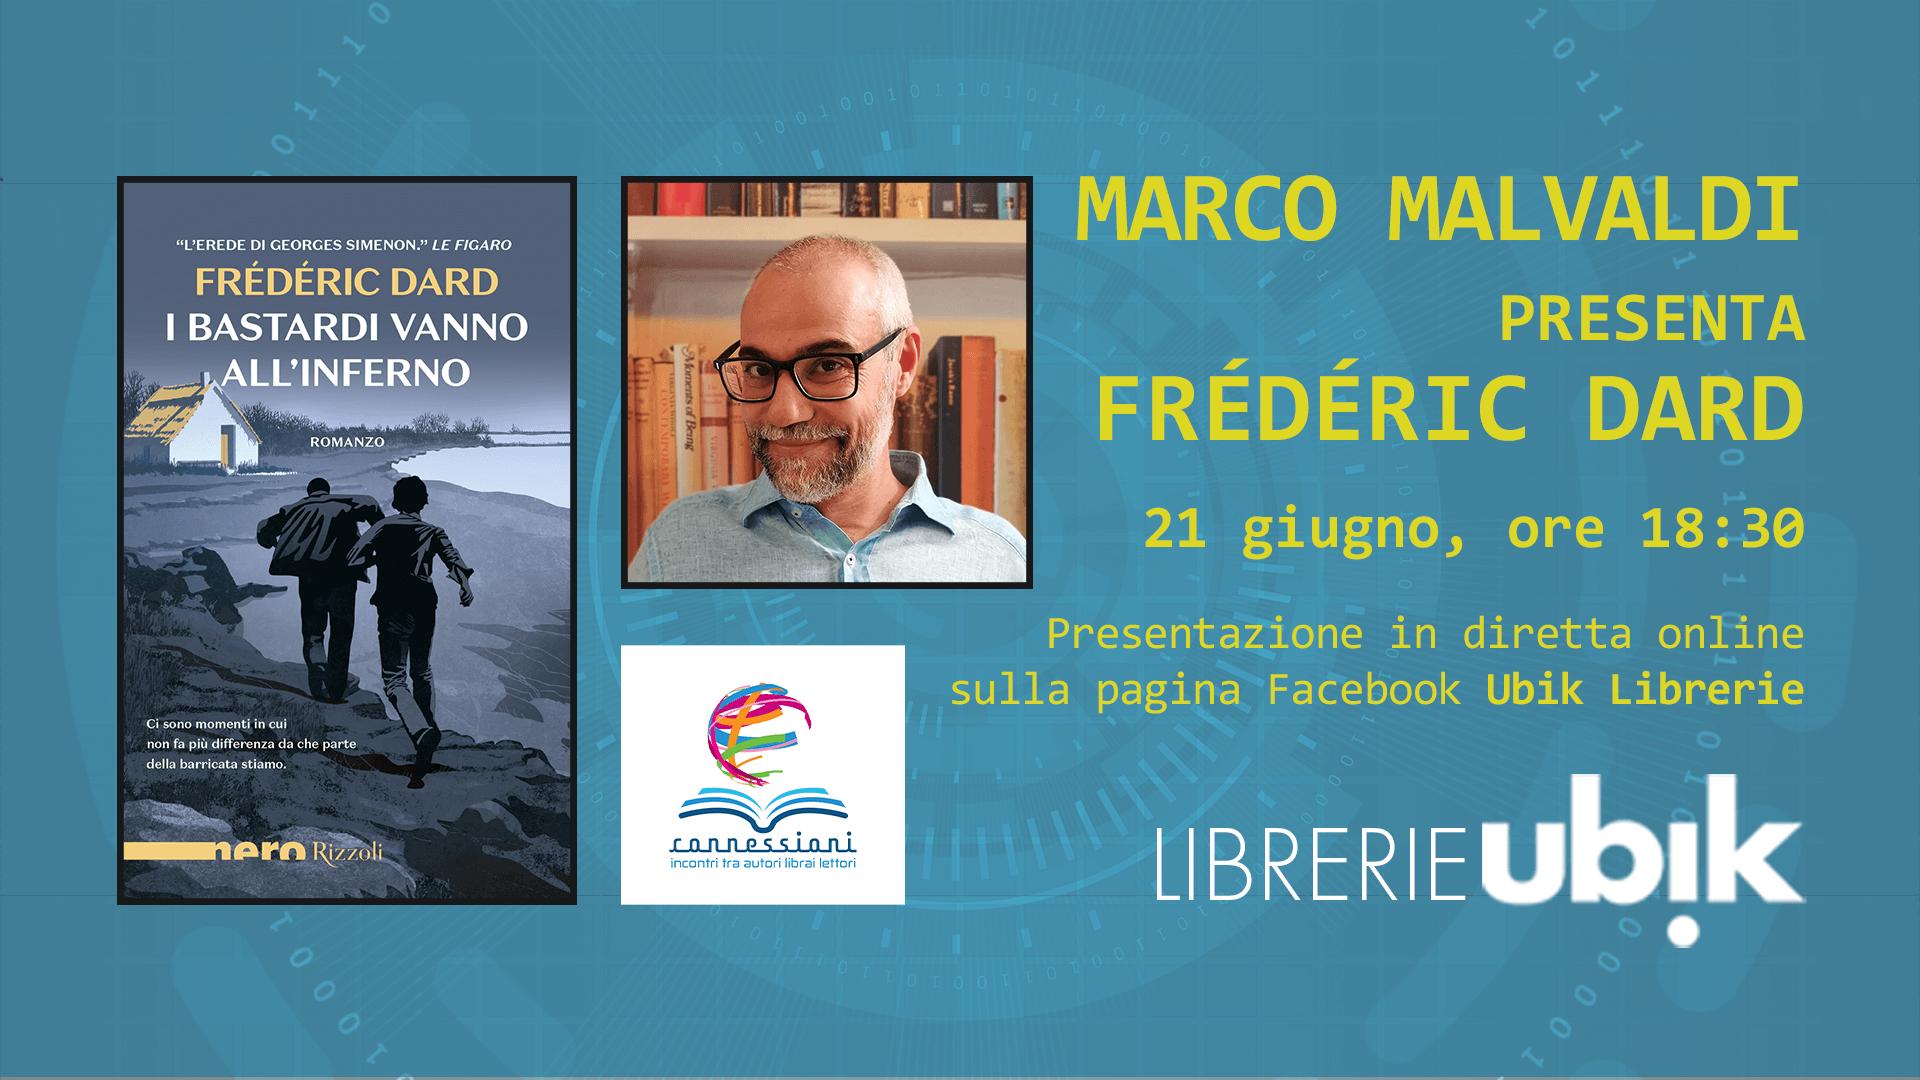 MARCO MALVALDI presenta